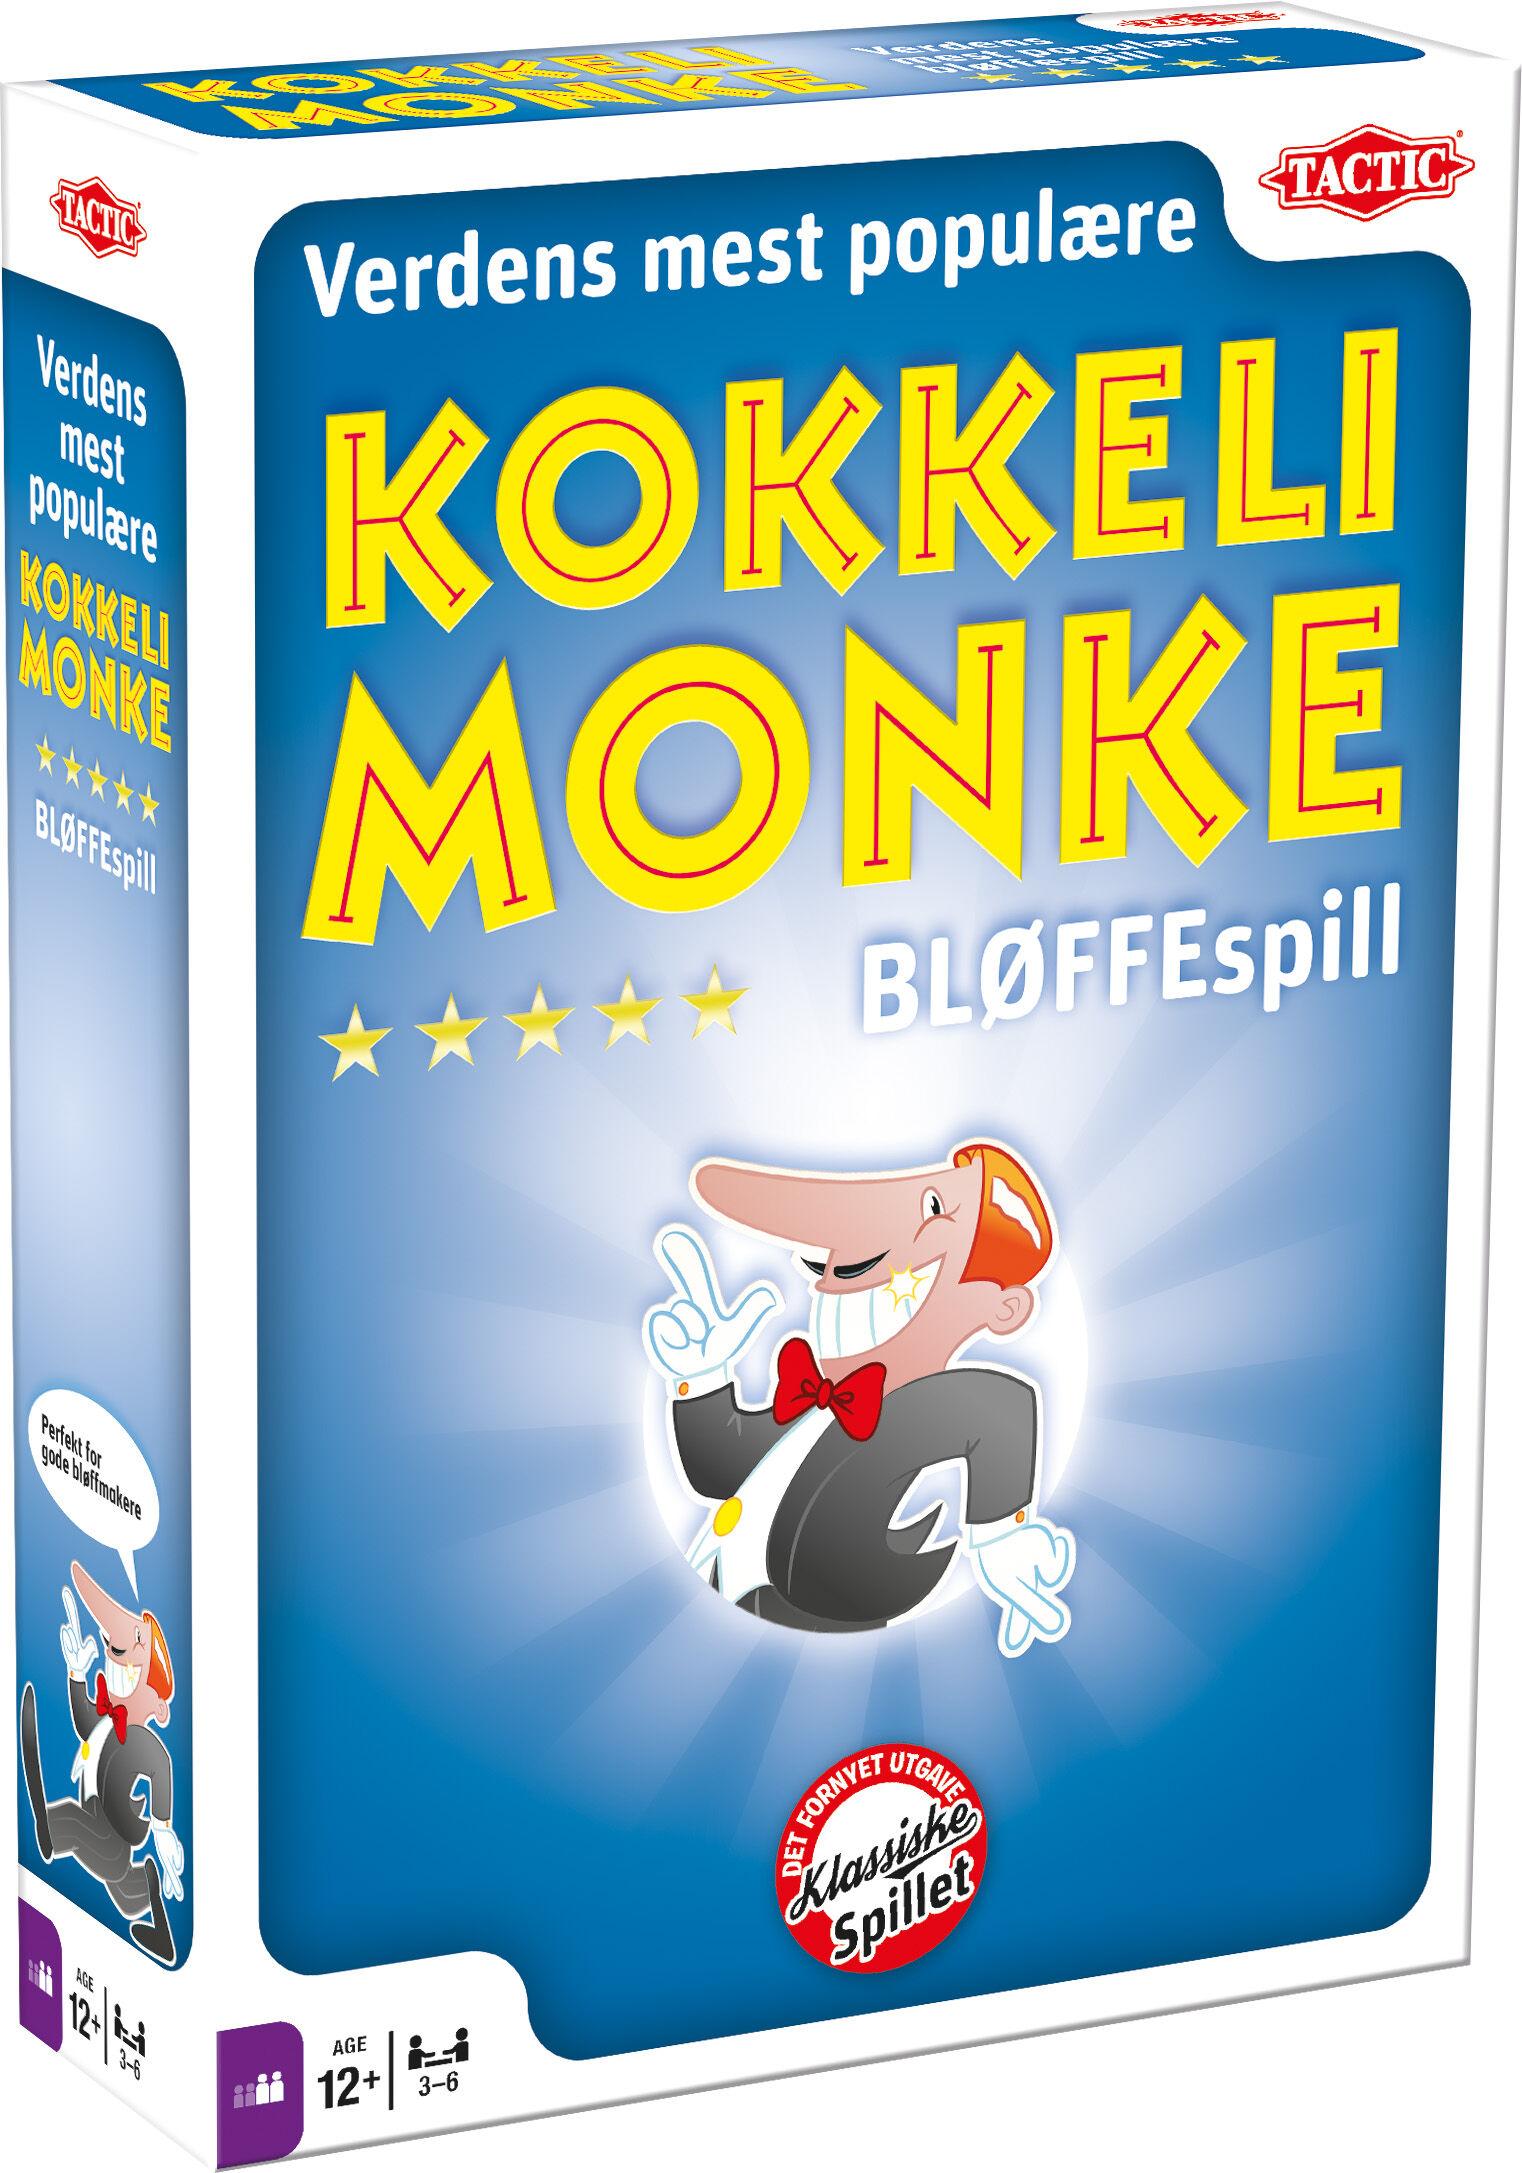 Kokkelimonke Brettspill Terningkast 6 i VG!